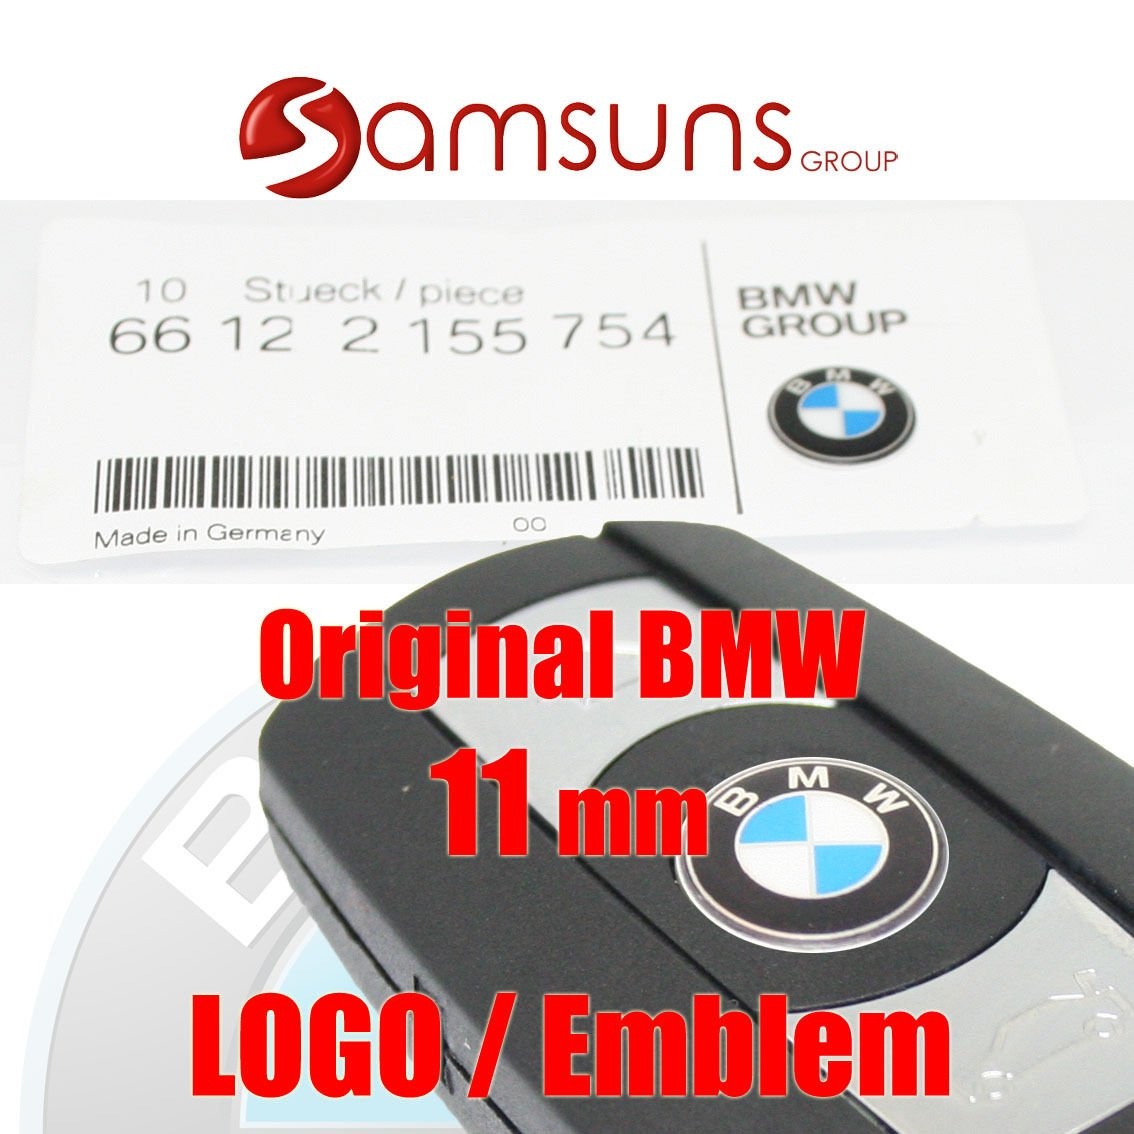 66122155754 V/éritable logo//embl/ème pour cl/é /électronique BMW